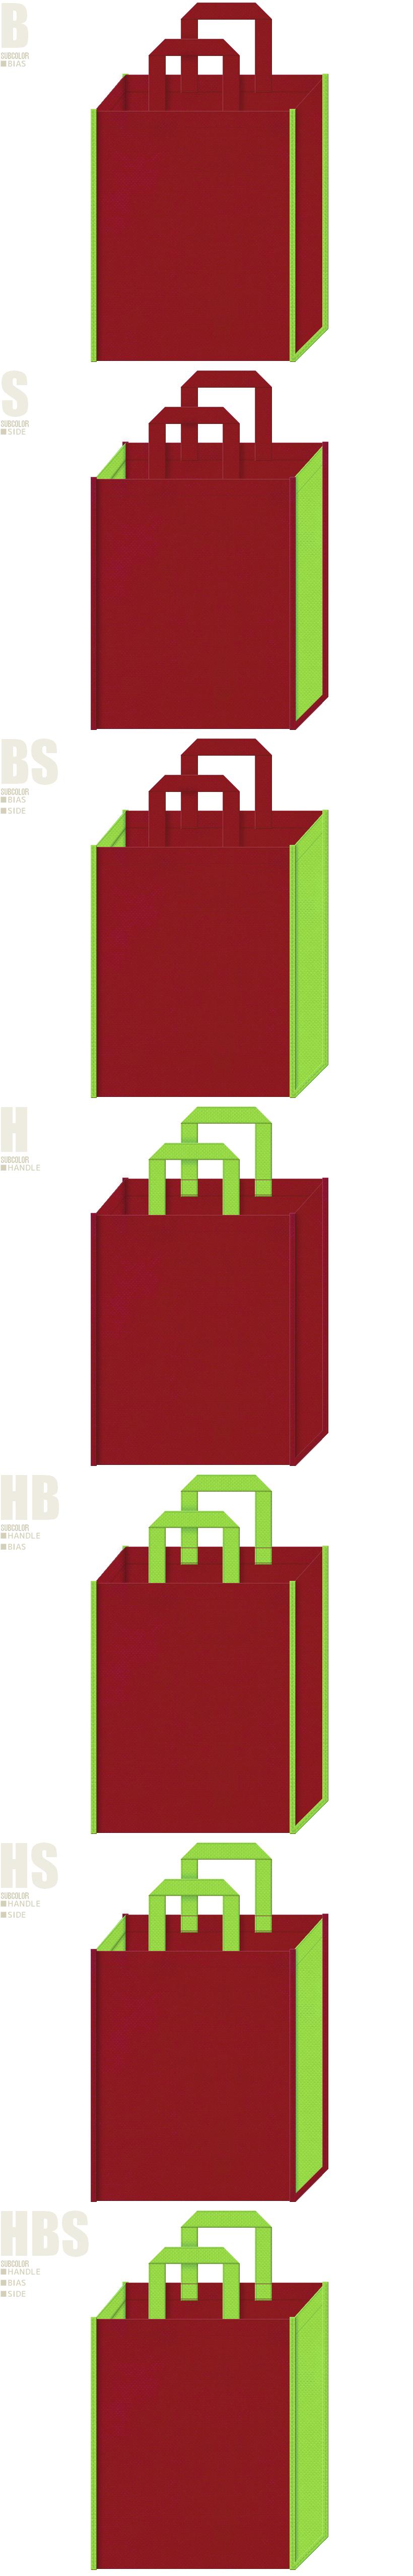 野点傘・和風庭園・和風催事にお奨めの不織布バッグデザイン:エンジ色と黄緑色の配色7パターン